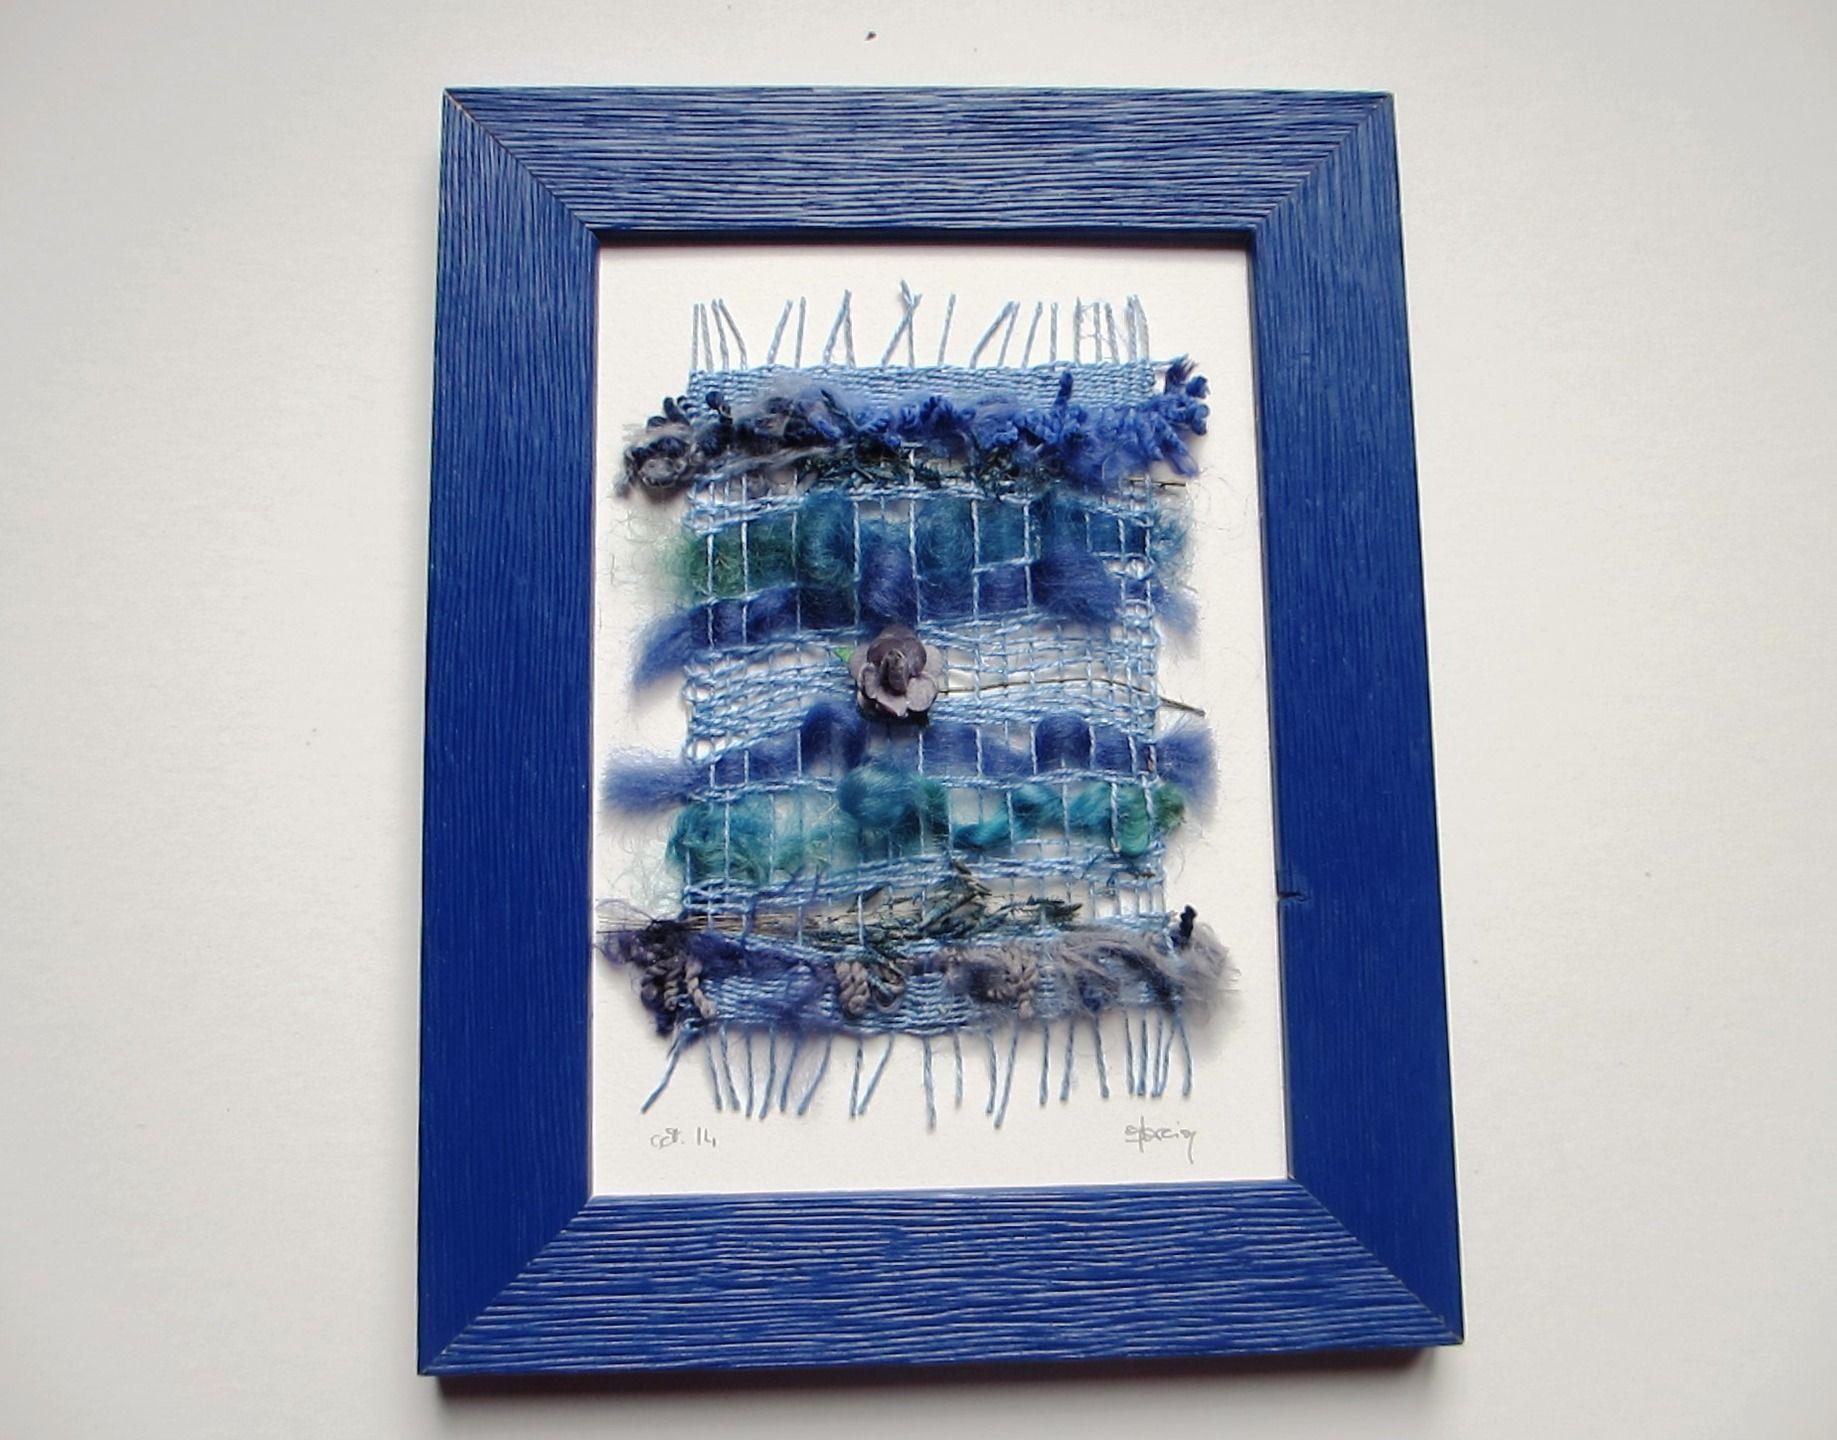 Tableau textile tissage dans cadre bleu pour décoration chambre